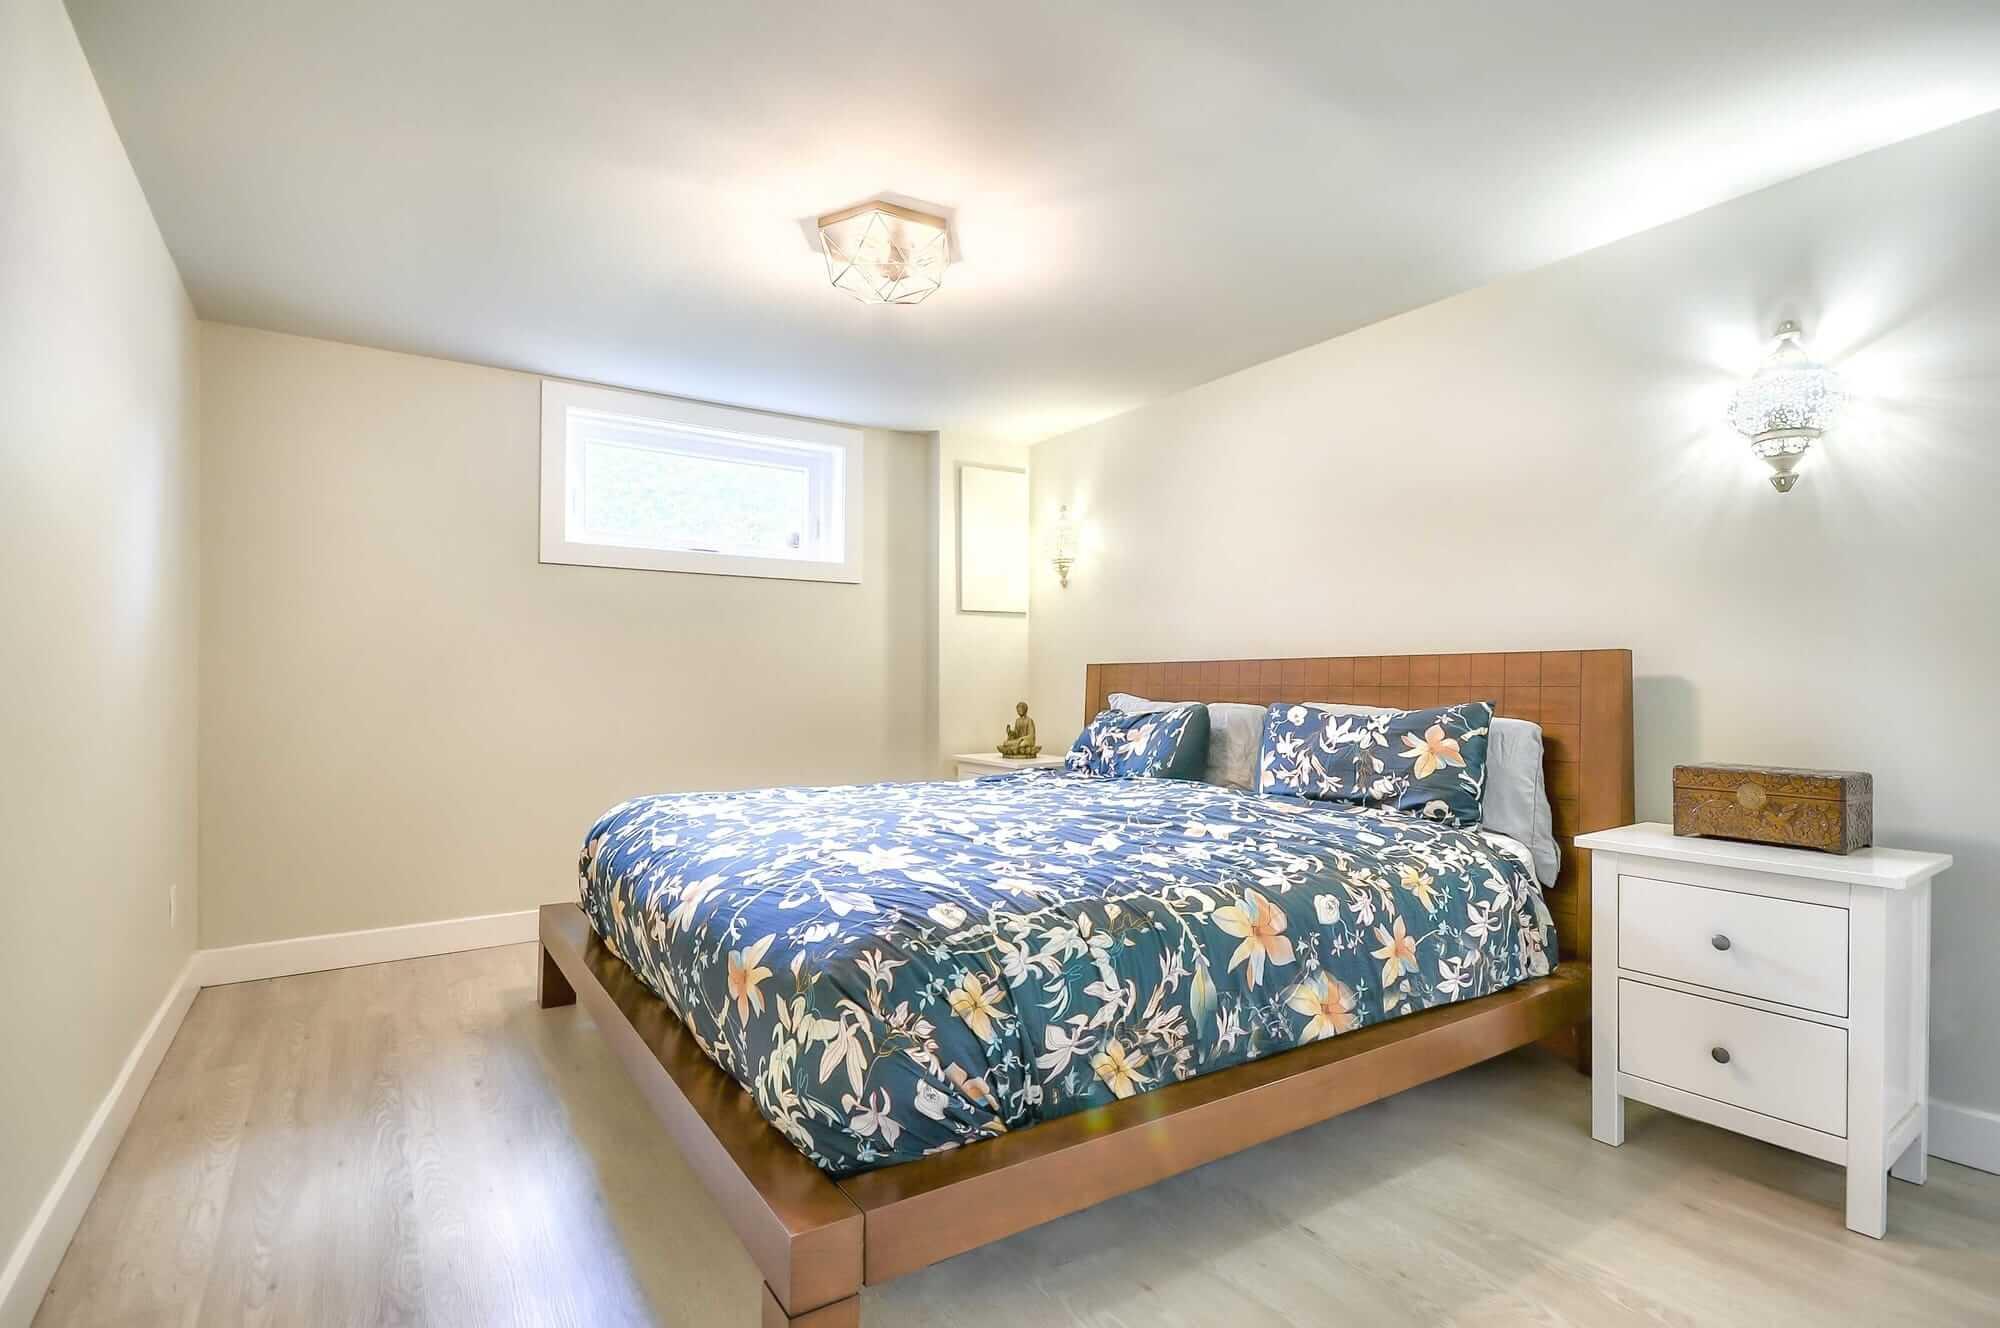 chambre au sous-sol avec lit moderne en bois et table de chevet blanche